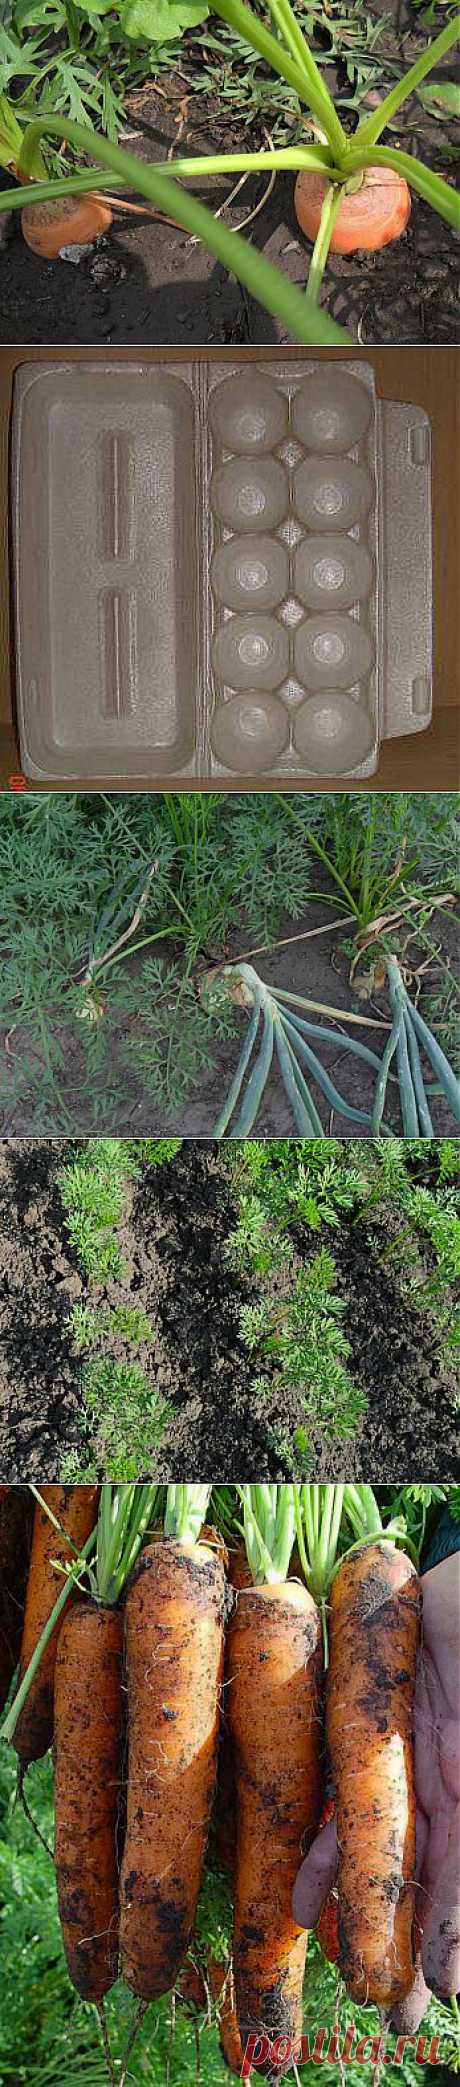 Как получить хороший урожай моркови. .